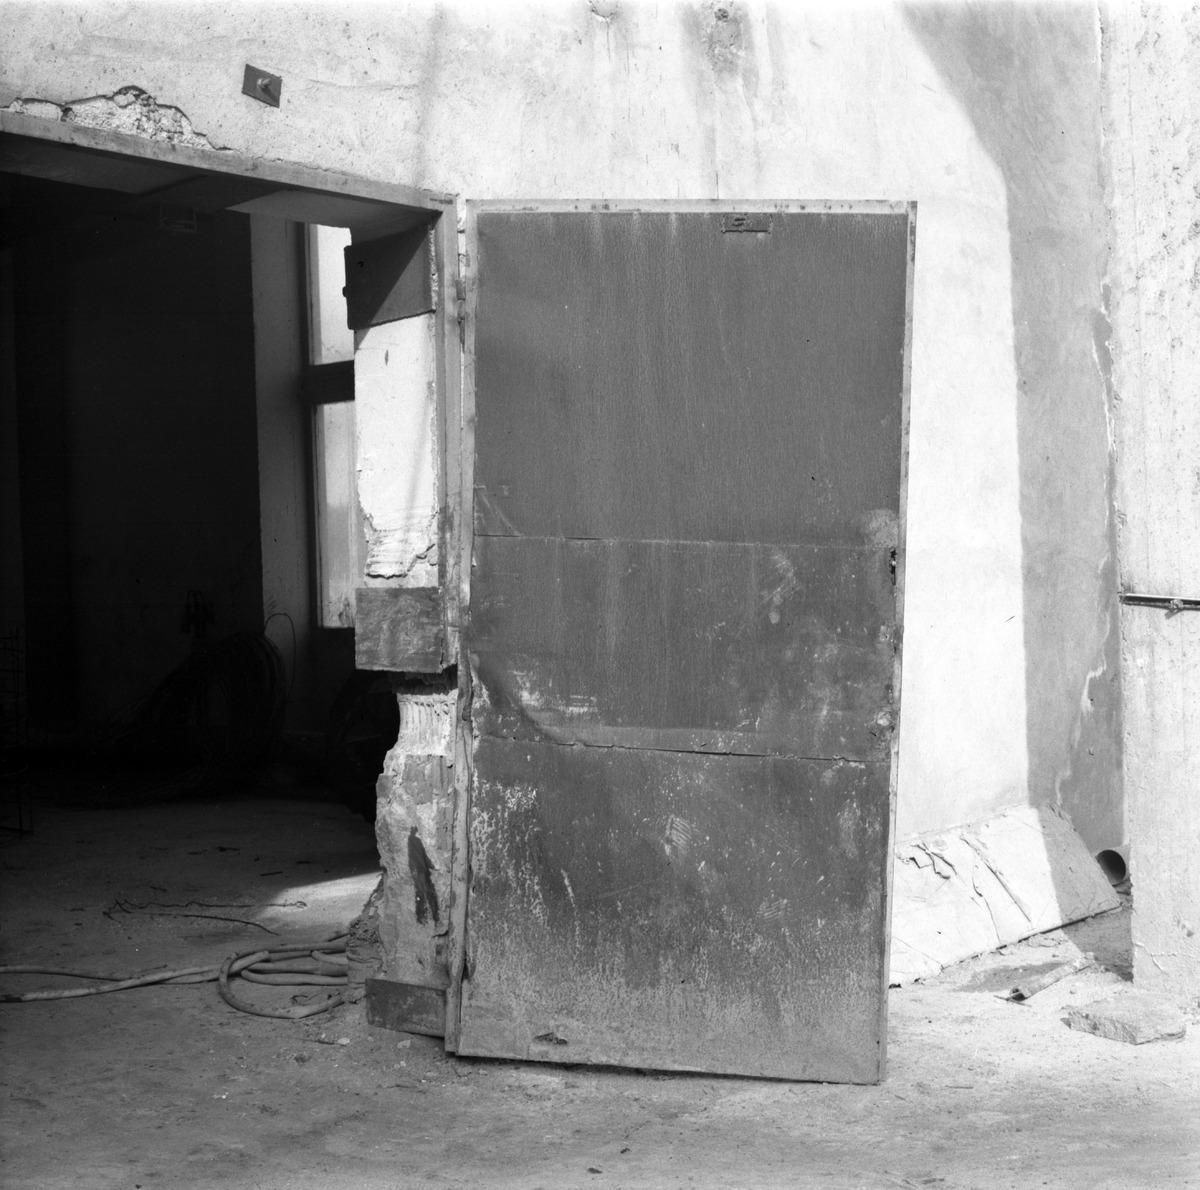 Obiekty ZPB w Wilkasach [1]